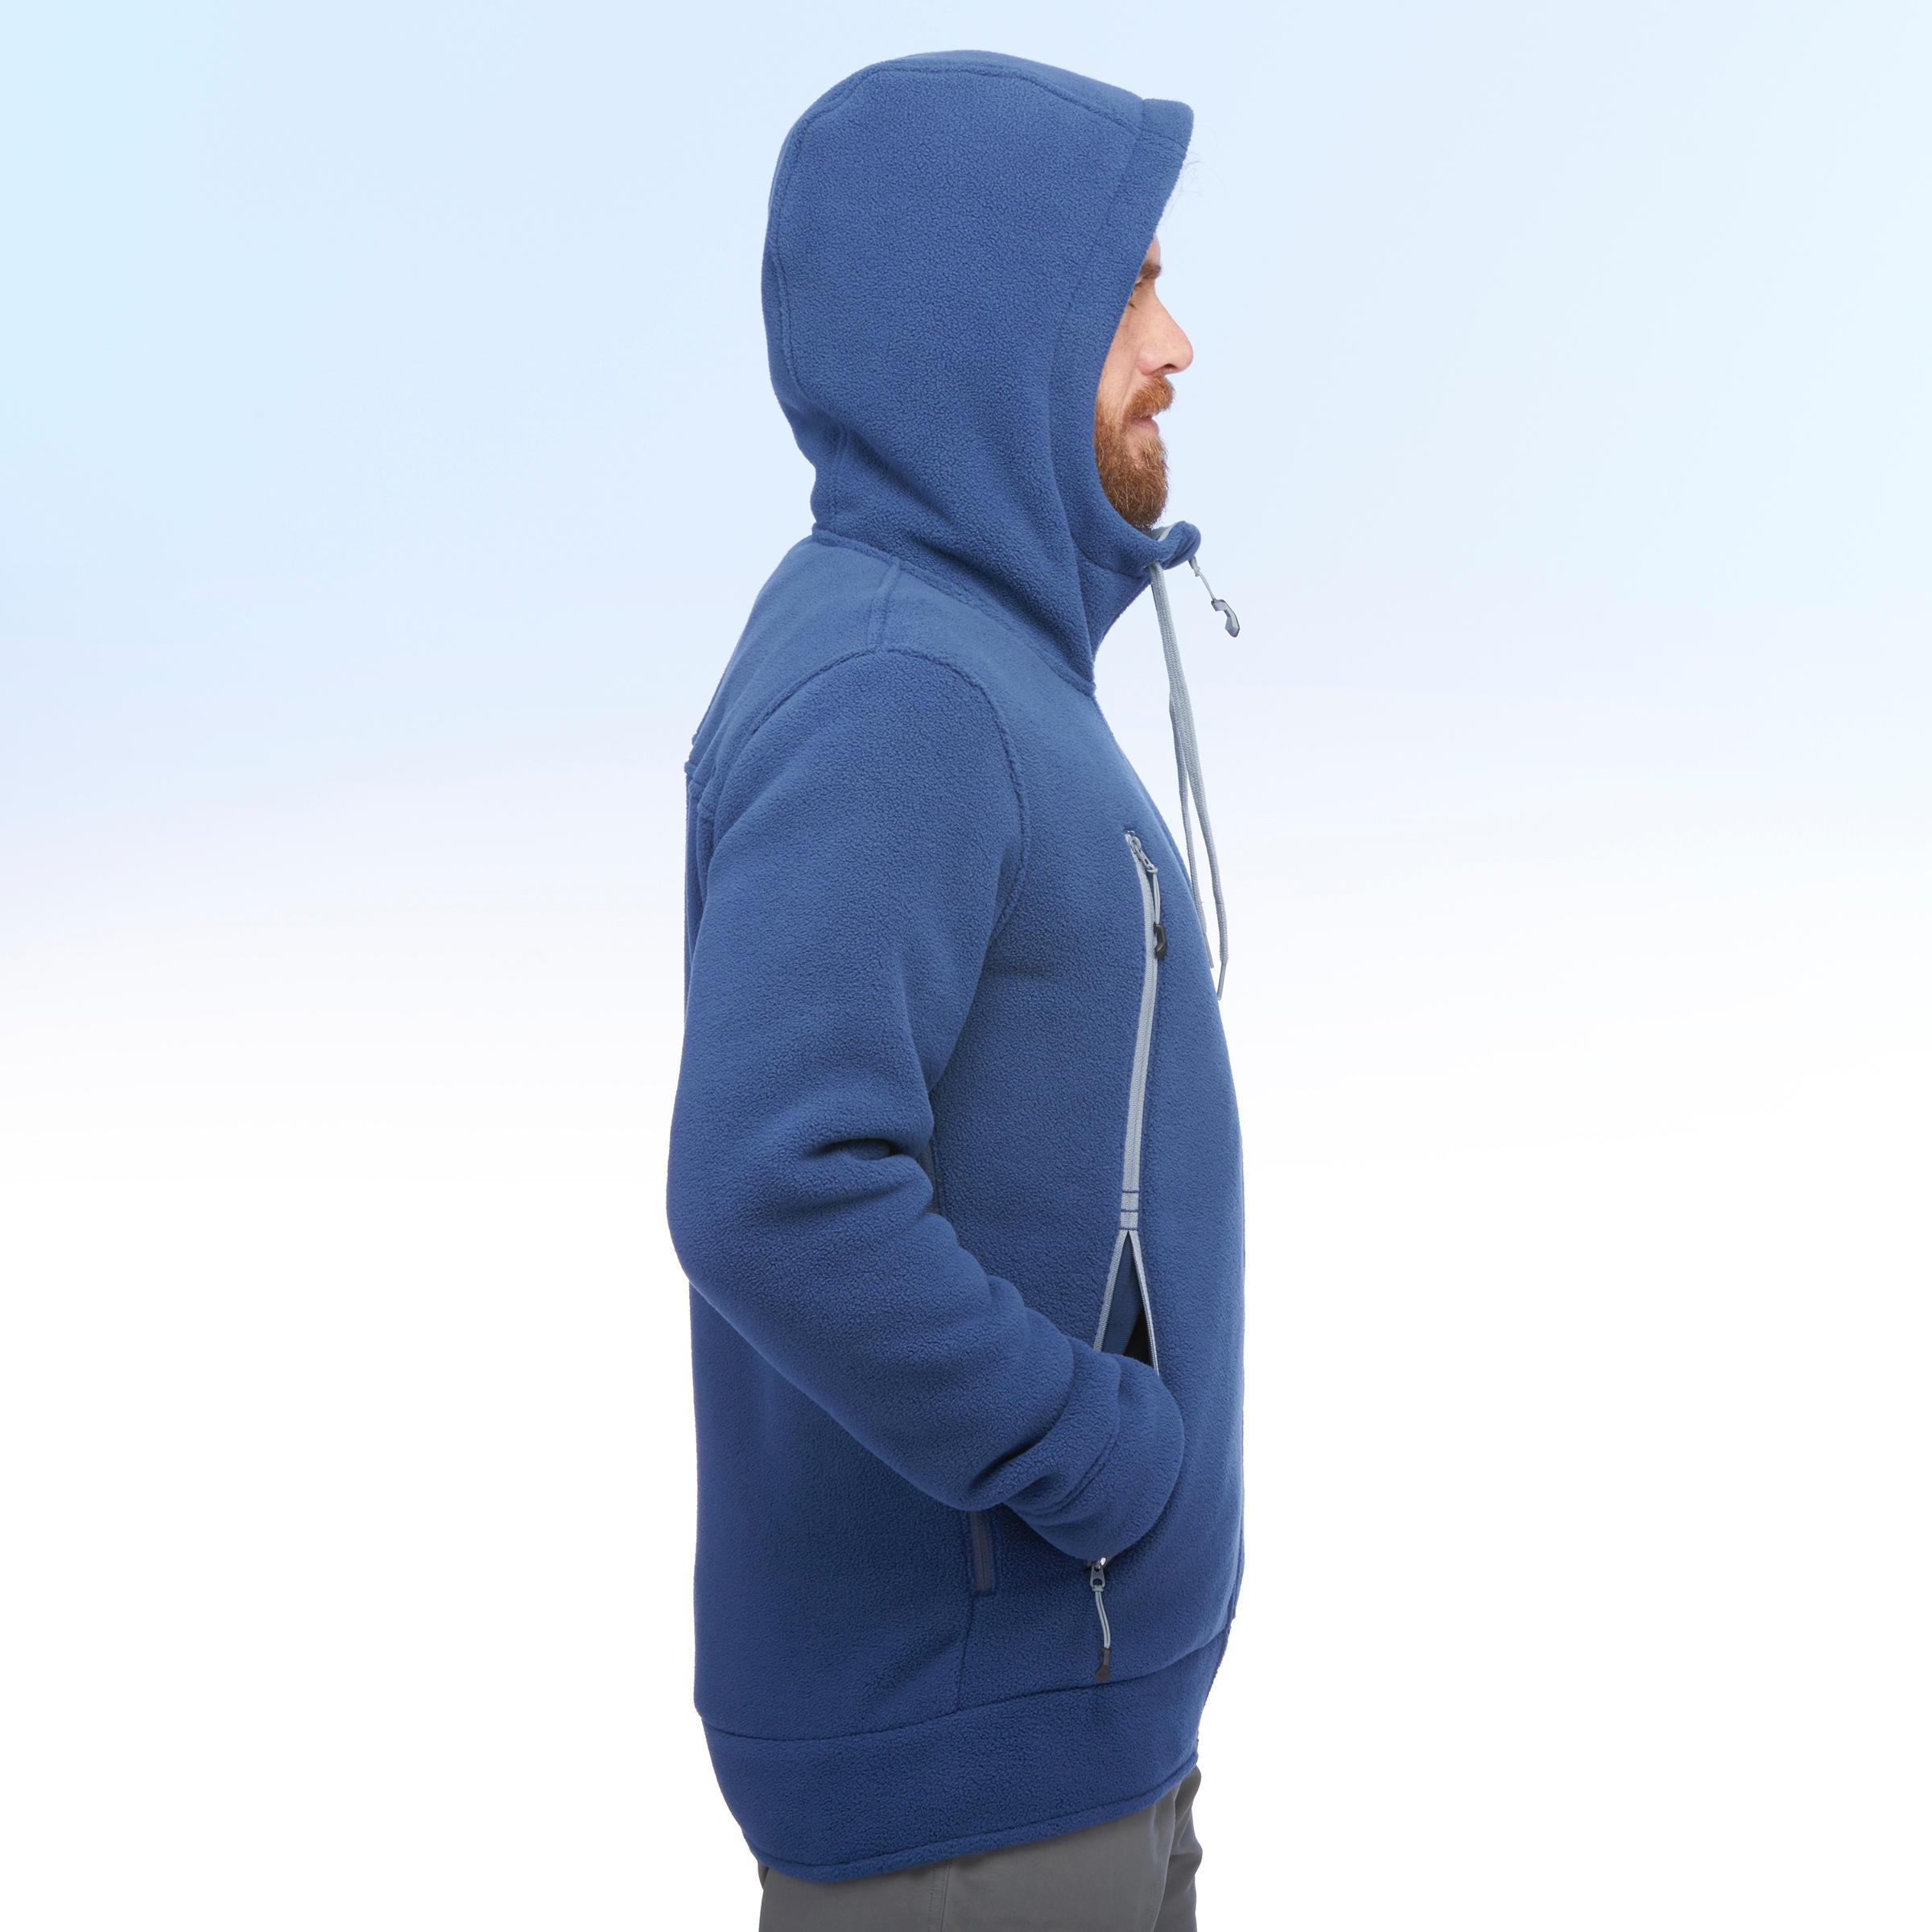 Veste polaire de randonnée neige homme SH100 ultra-warm bleue.